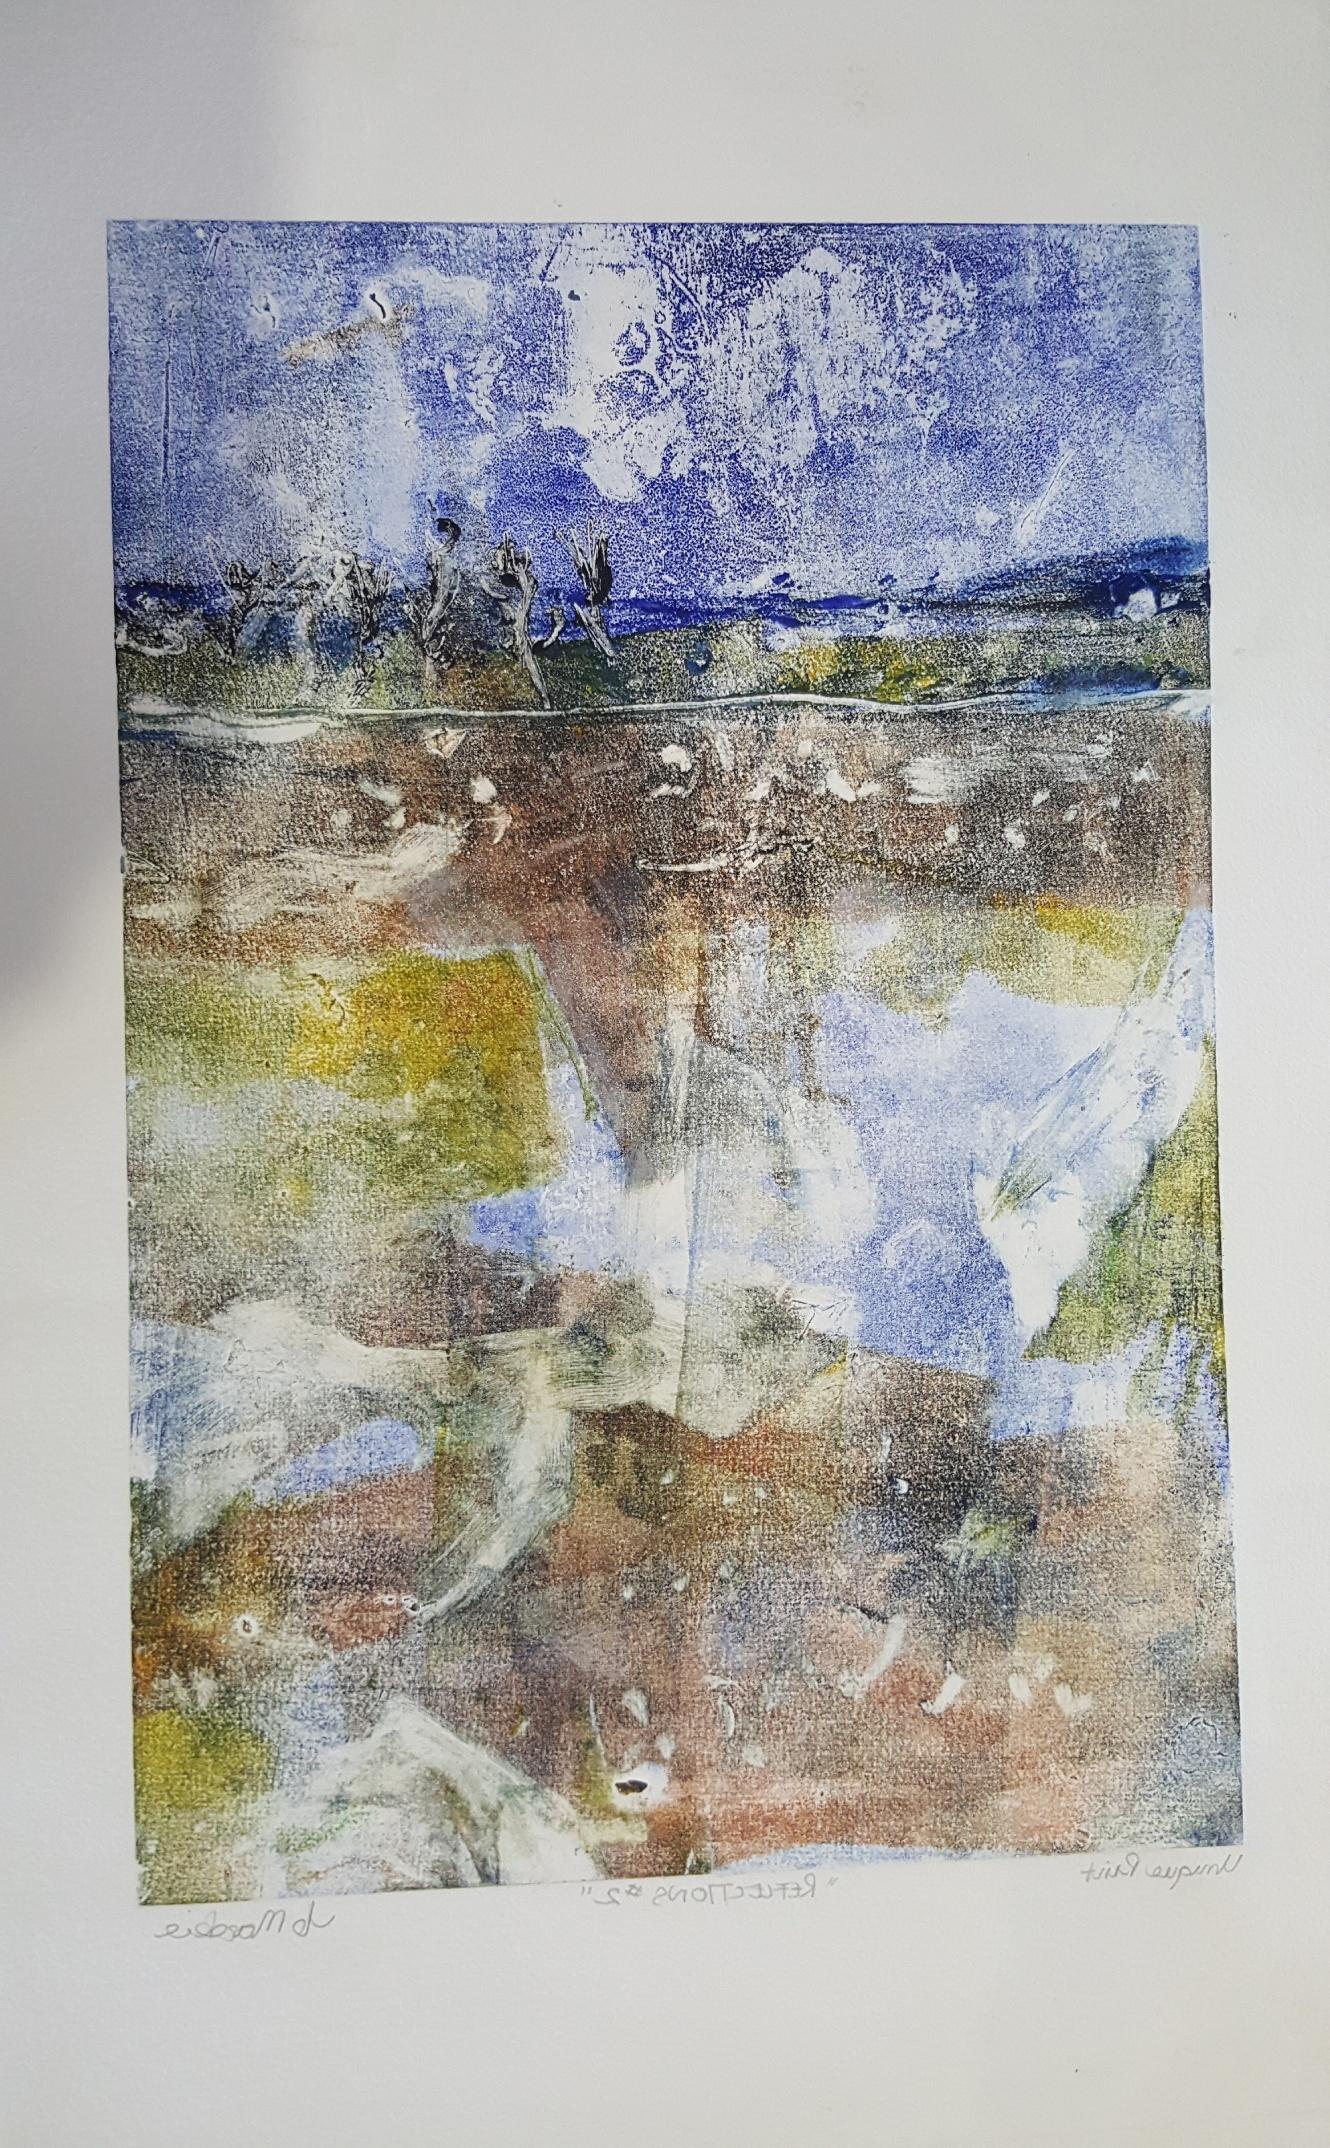 Reflections-mono print